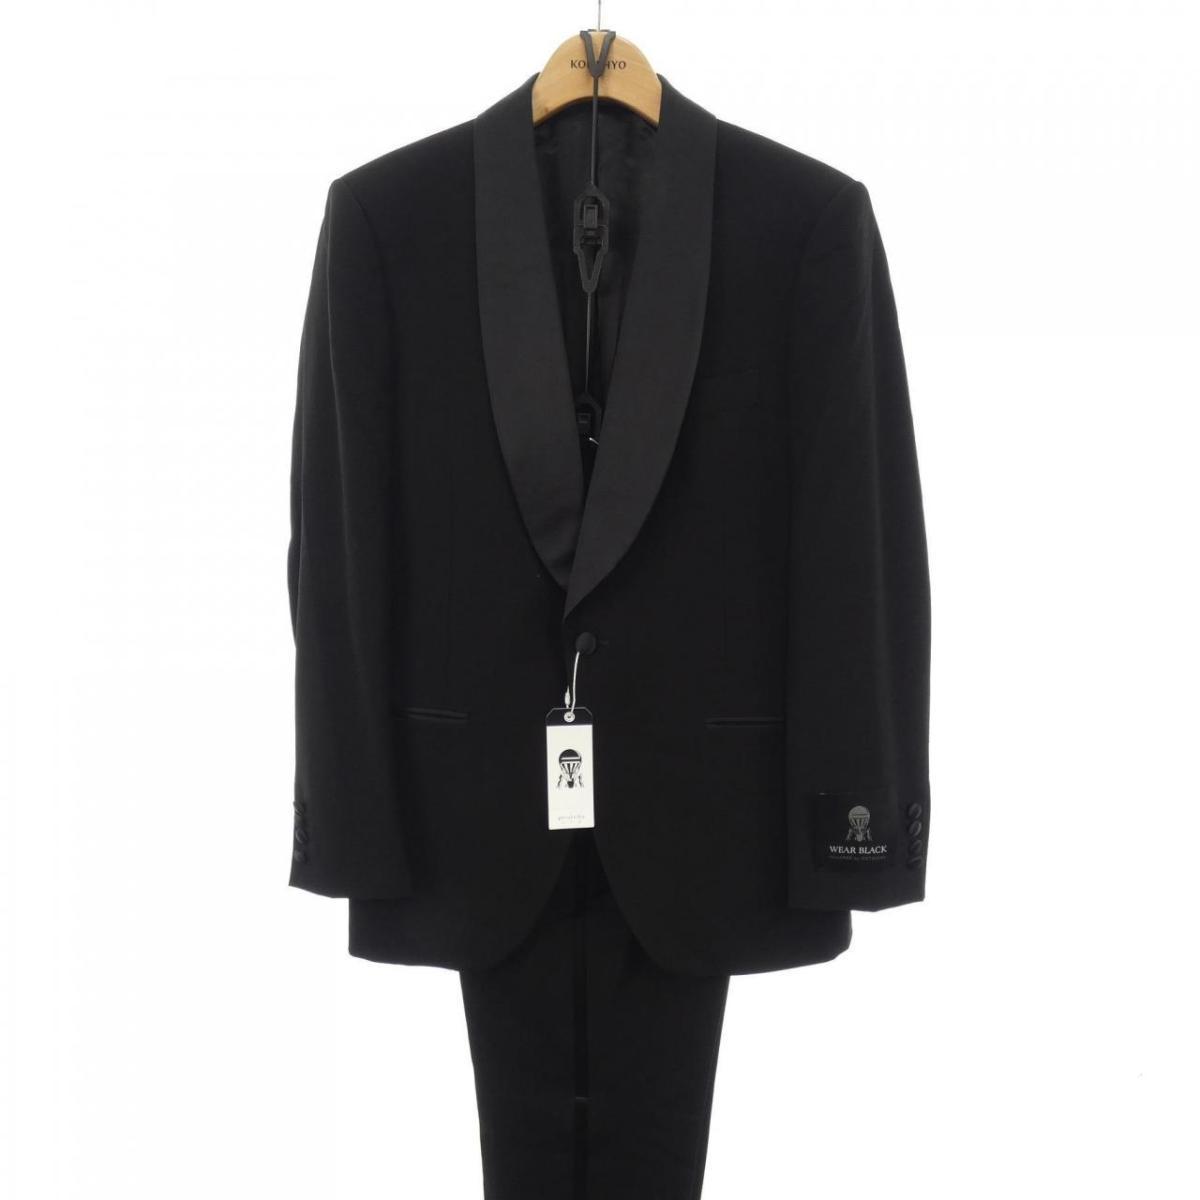 スーツ・セットアップ, スーツ GOTAIRIKU